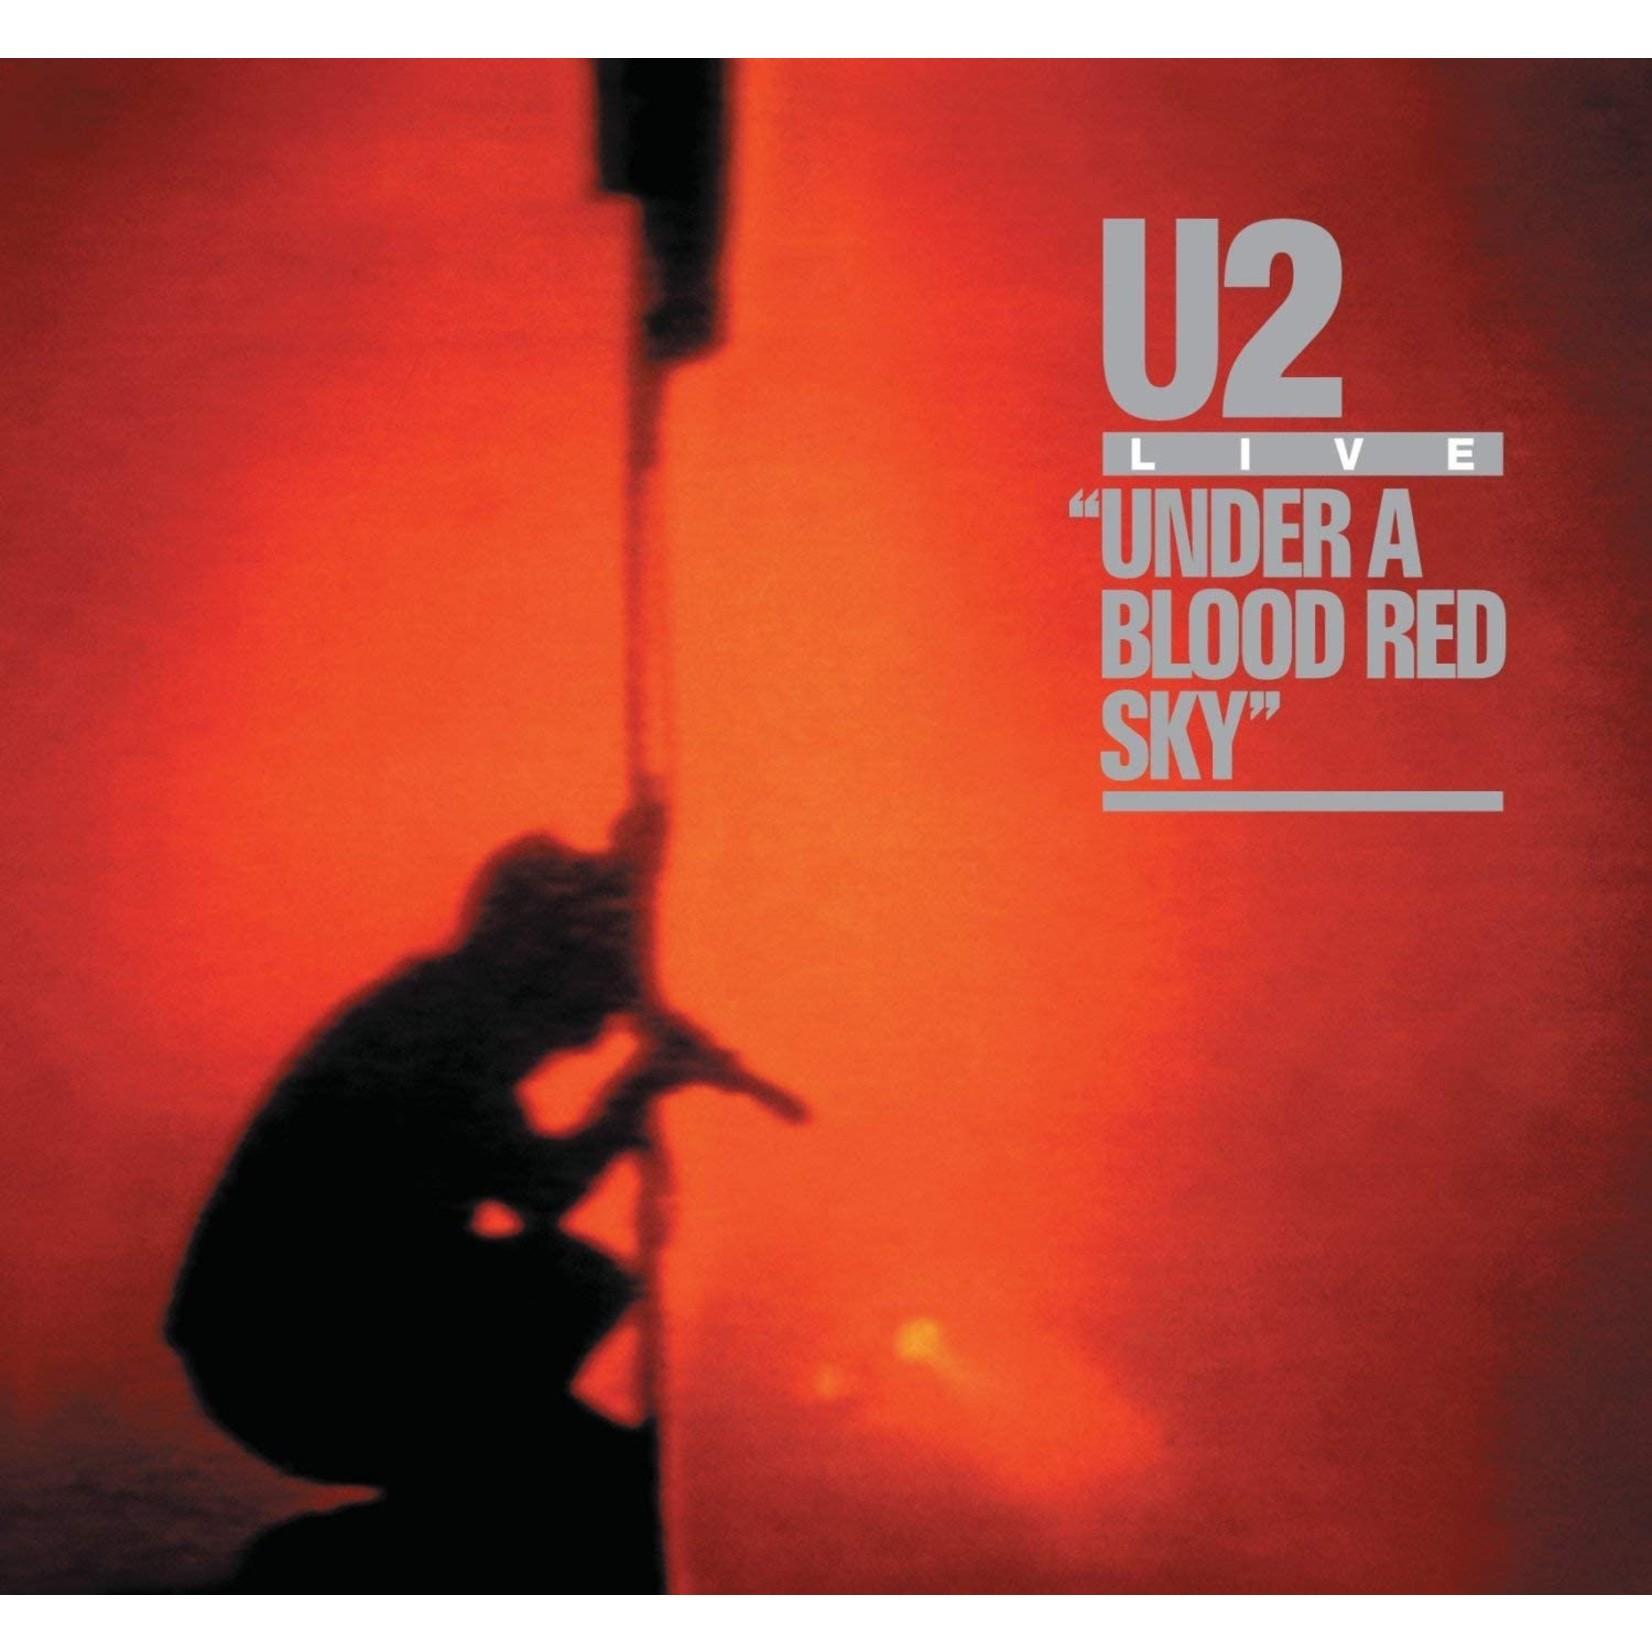 [Vintage] U2: Under a Blood Red Sky